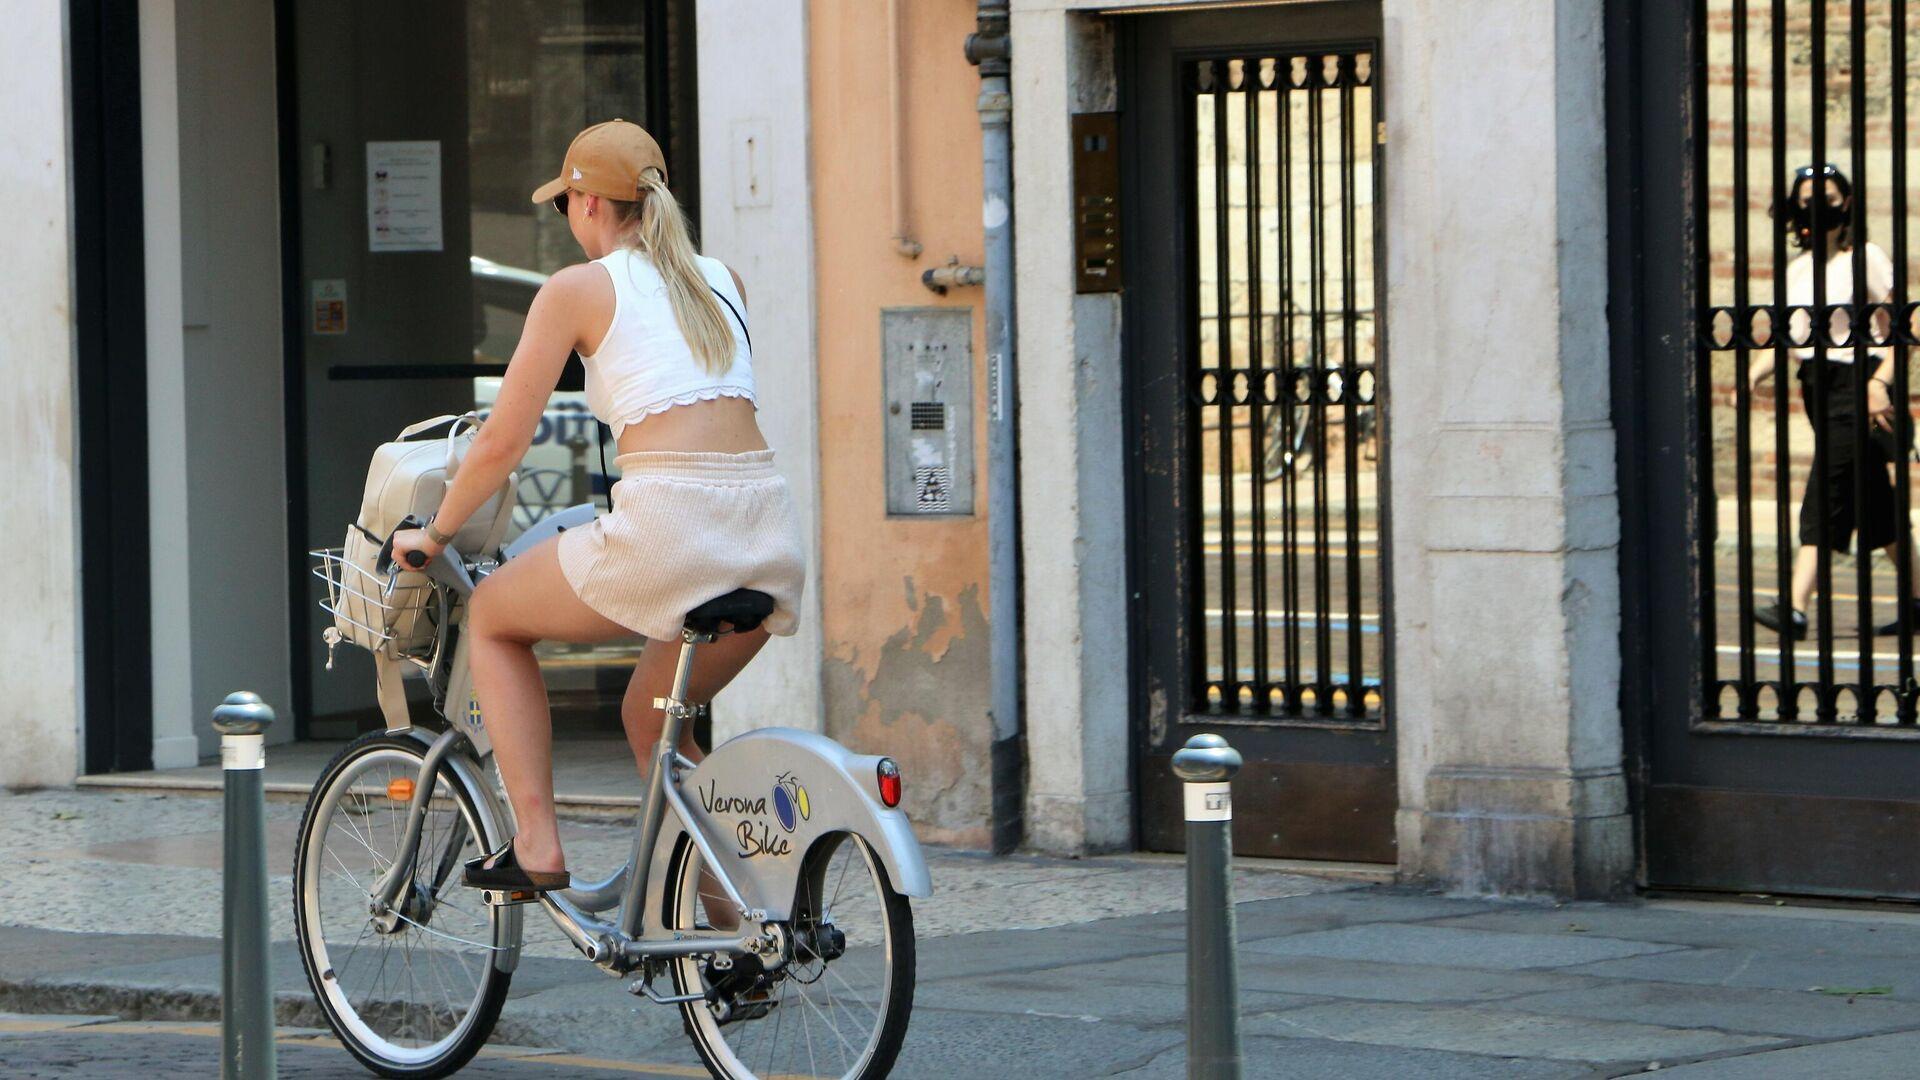 Una ragazza guida la bicicletta in città - Sputnik Italia, 1920, 17.07.2021